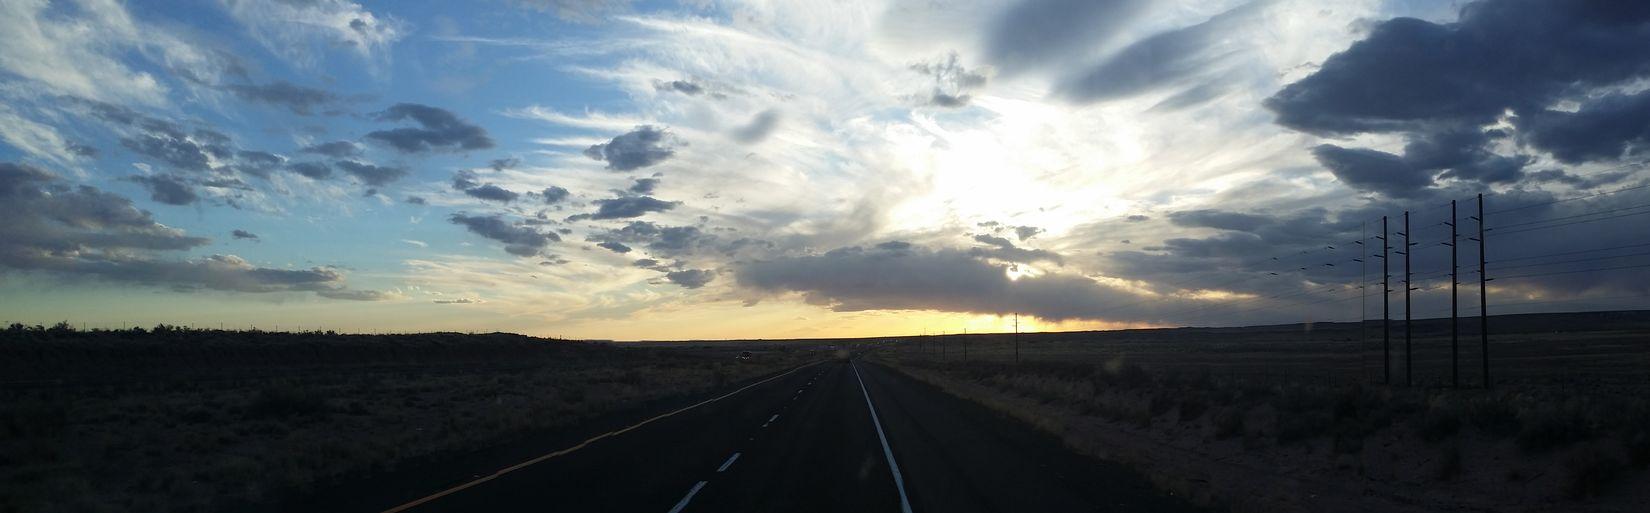 Arizona Sky Porn Sunset